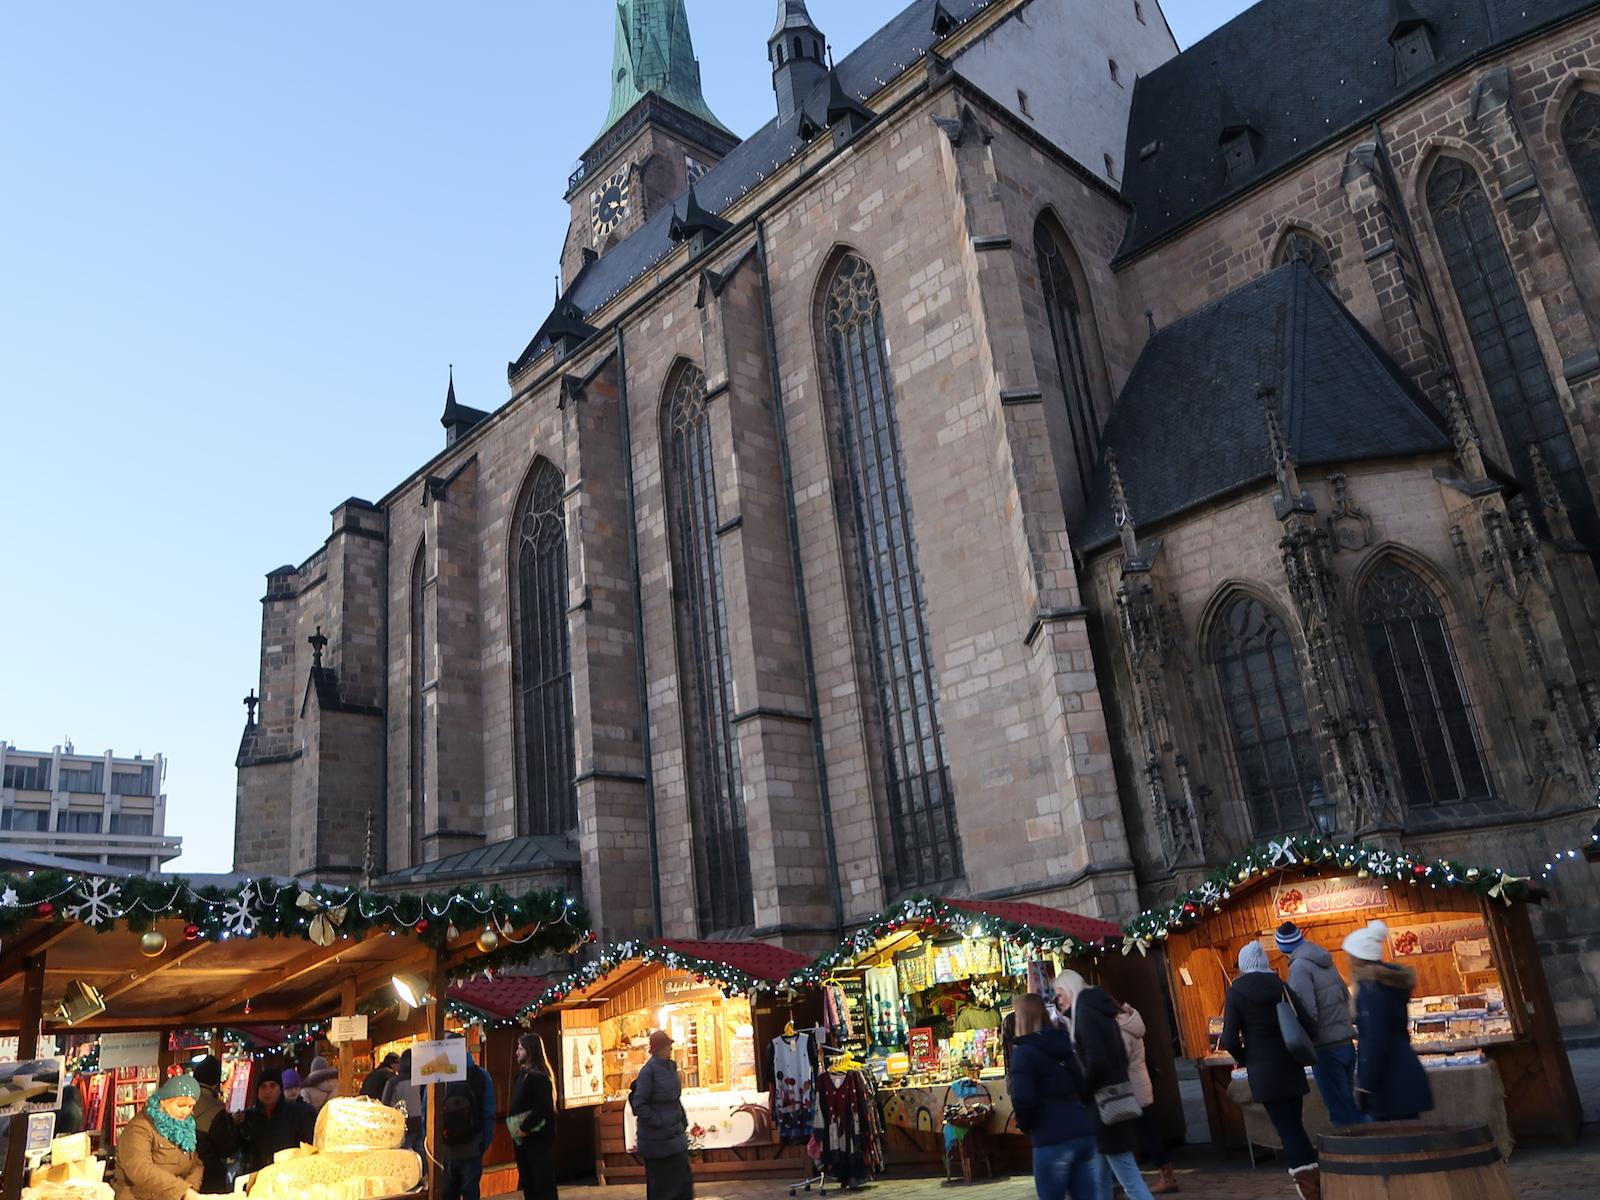 聖バルトロムニェイ聖堂 クリスマスマーケット